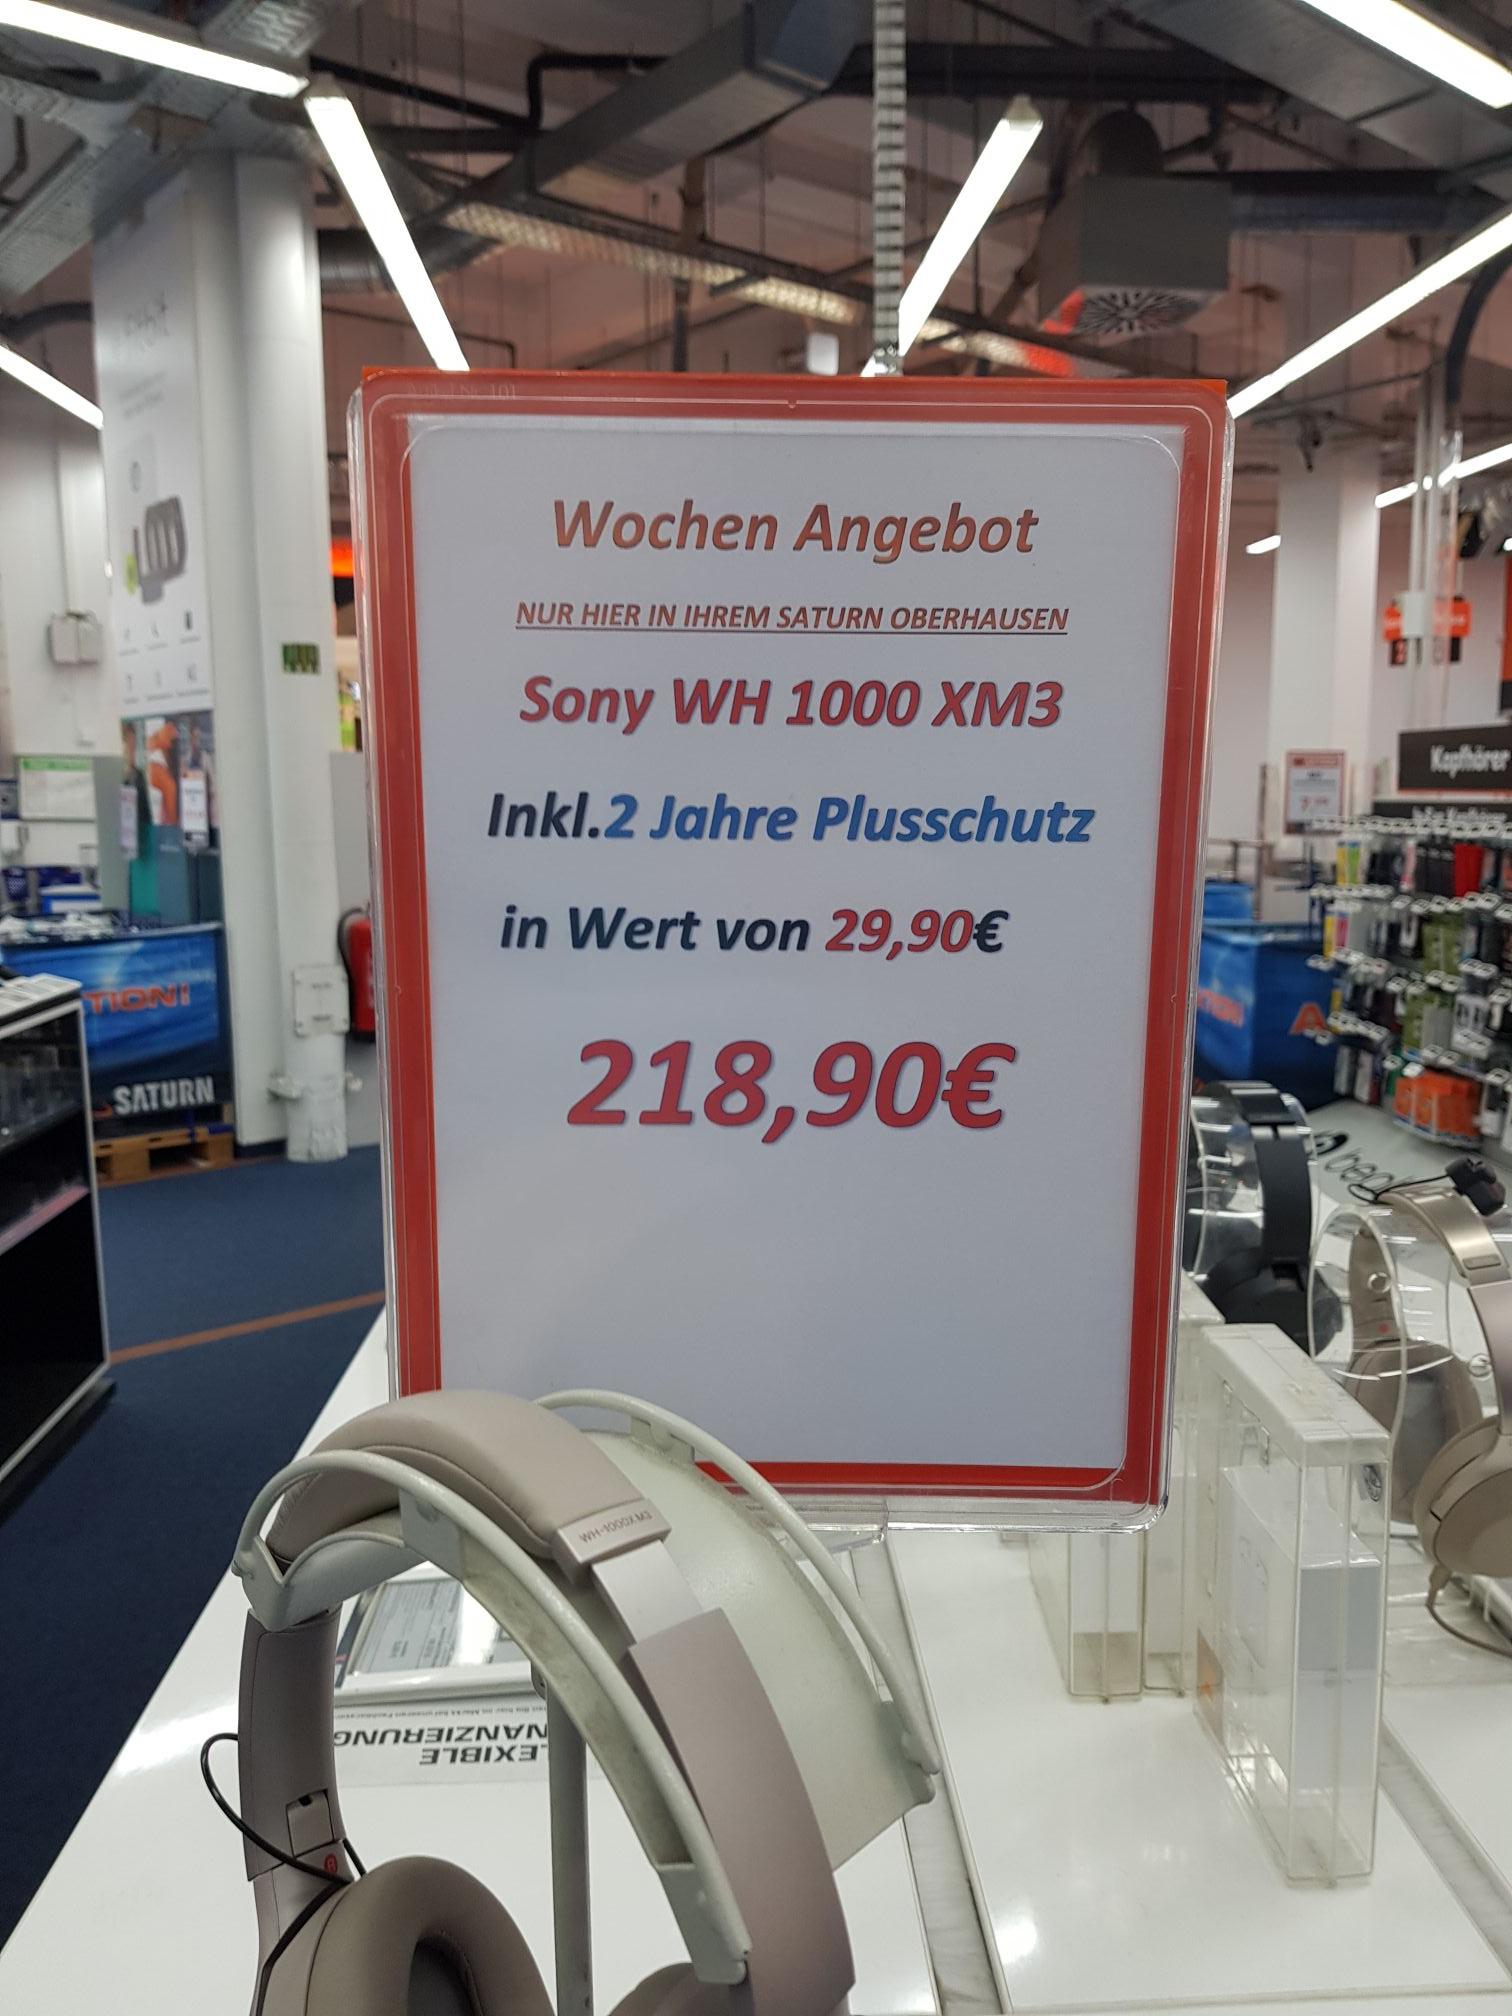 Bestpreis Sony WH1000 XM3 silber oder schwarz Saturn Oberhausen inkl. Plusschutz im Wert von 29.90